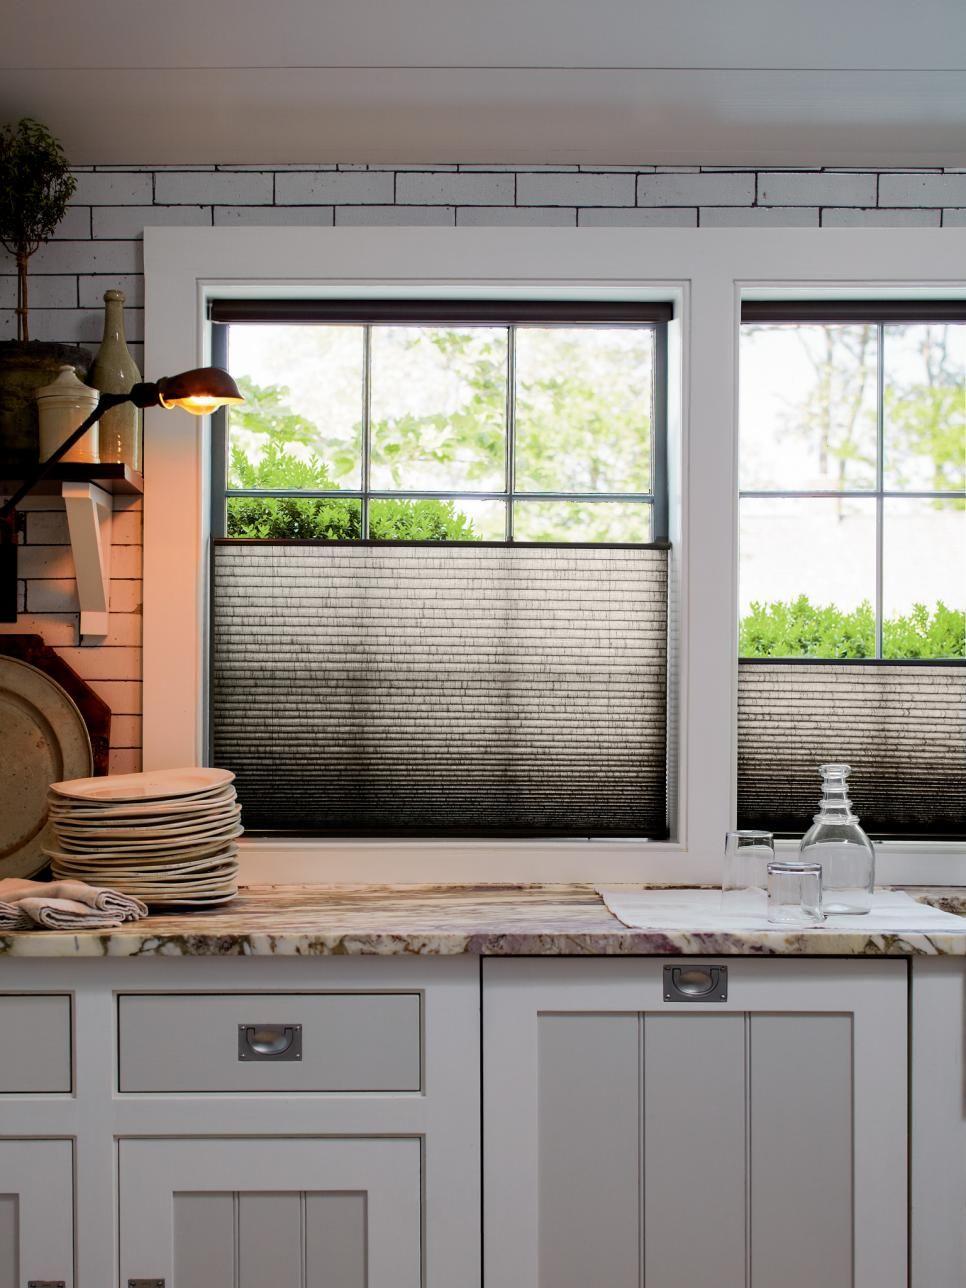 10 Winning Kitchen Window Treatment Ideas